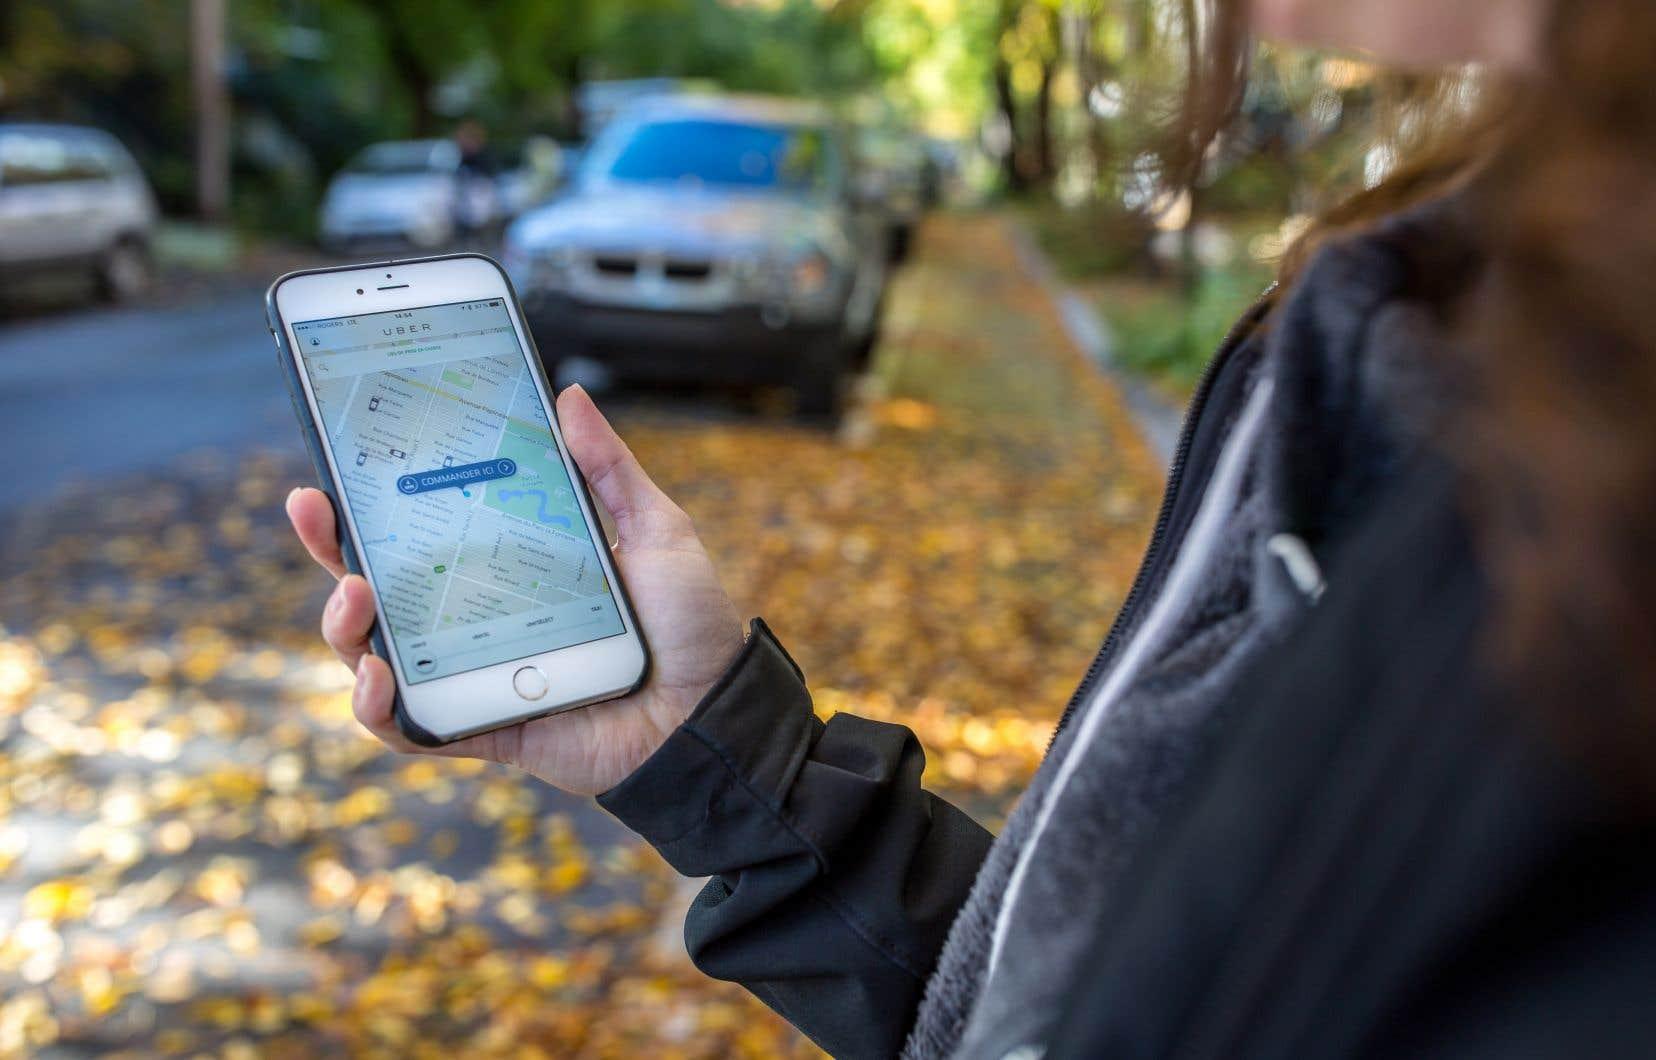 <p>Les médecins et les manufacturiers de téléphones ou d'appareils médicaux sont au fait de ce risque pratiquement depuis le premier jour, mais la puissance de l'aimant dont sont munis les iPhone 12 ramène le phénomène à l'avant-scène.</p>